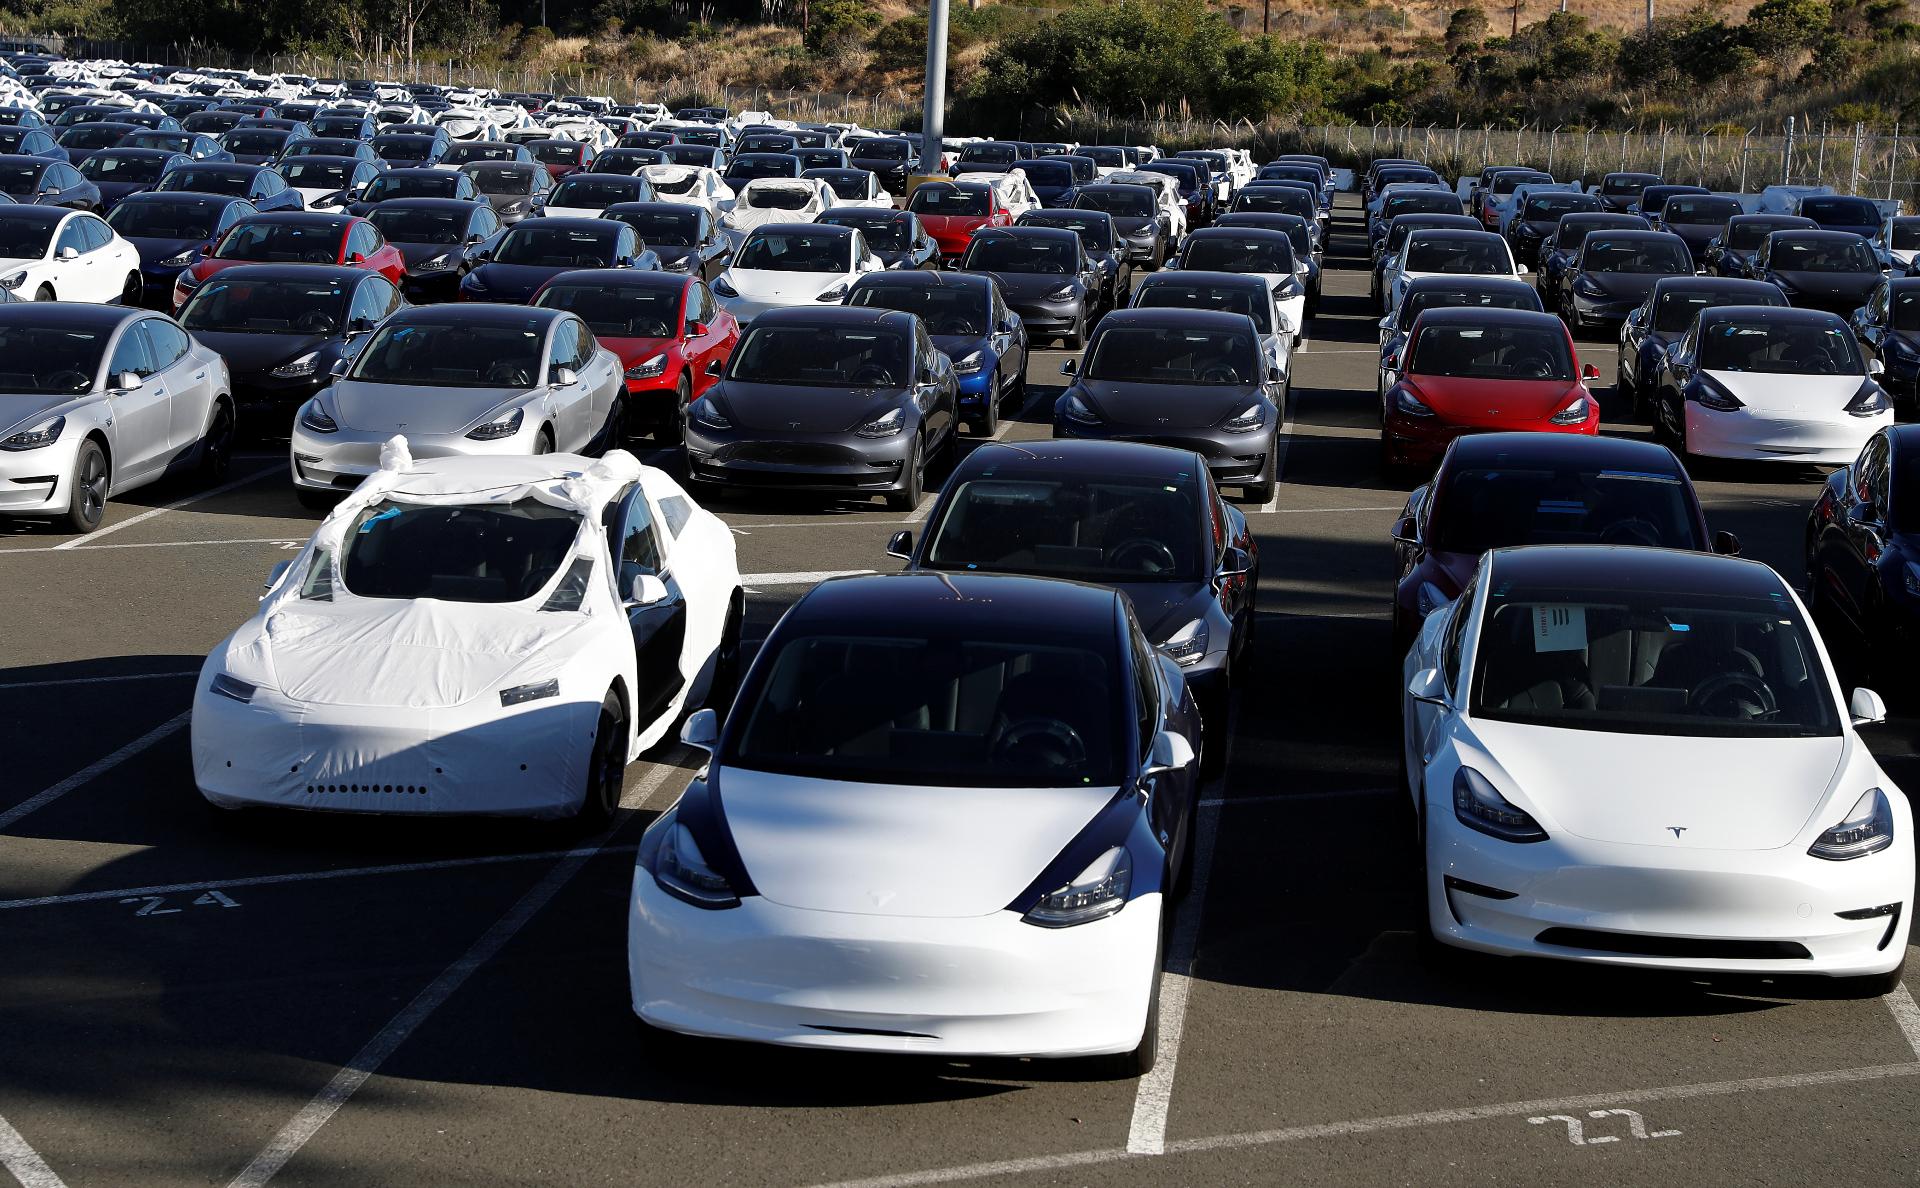 Стоянка с автомобилями Tesla Model 3 в Калифорнии